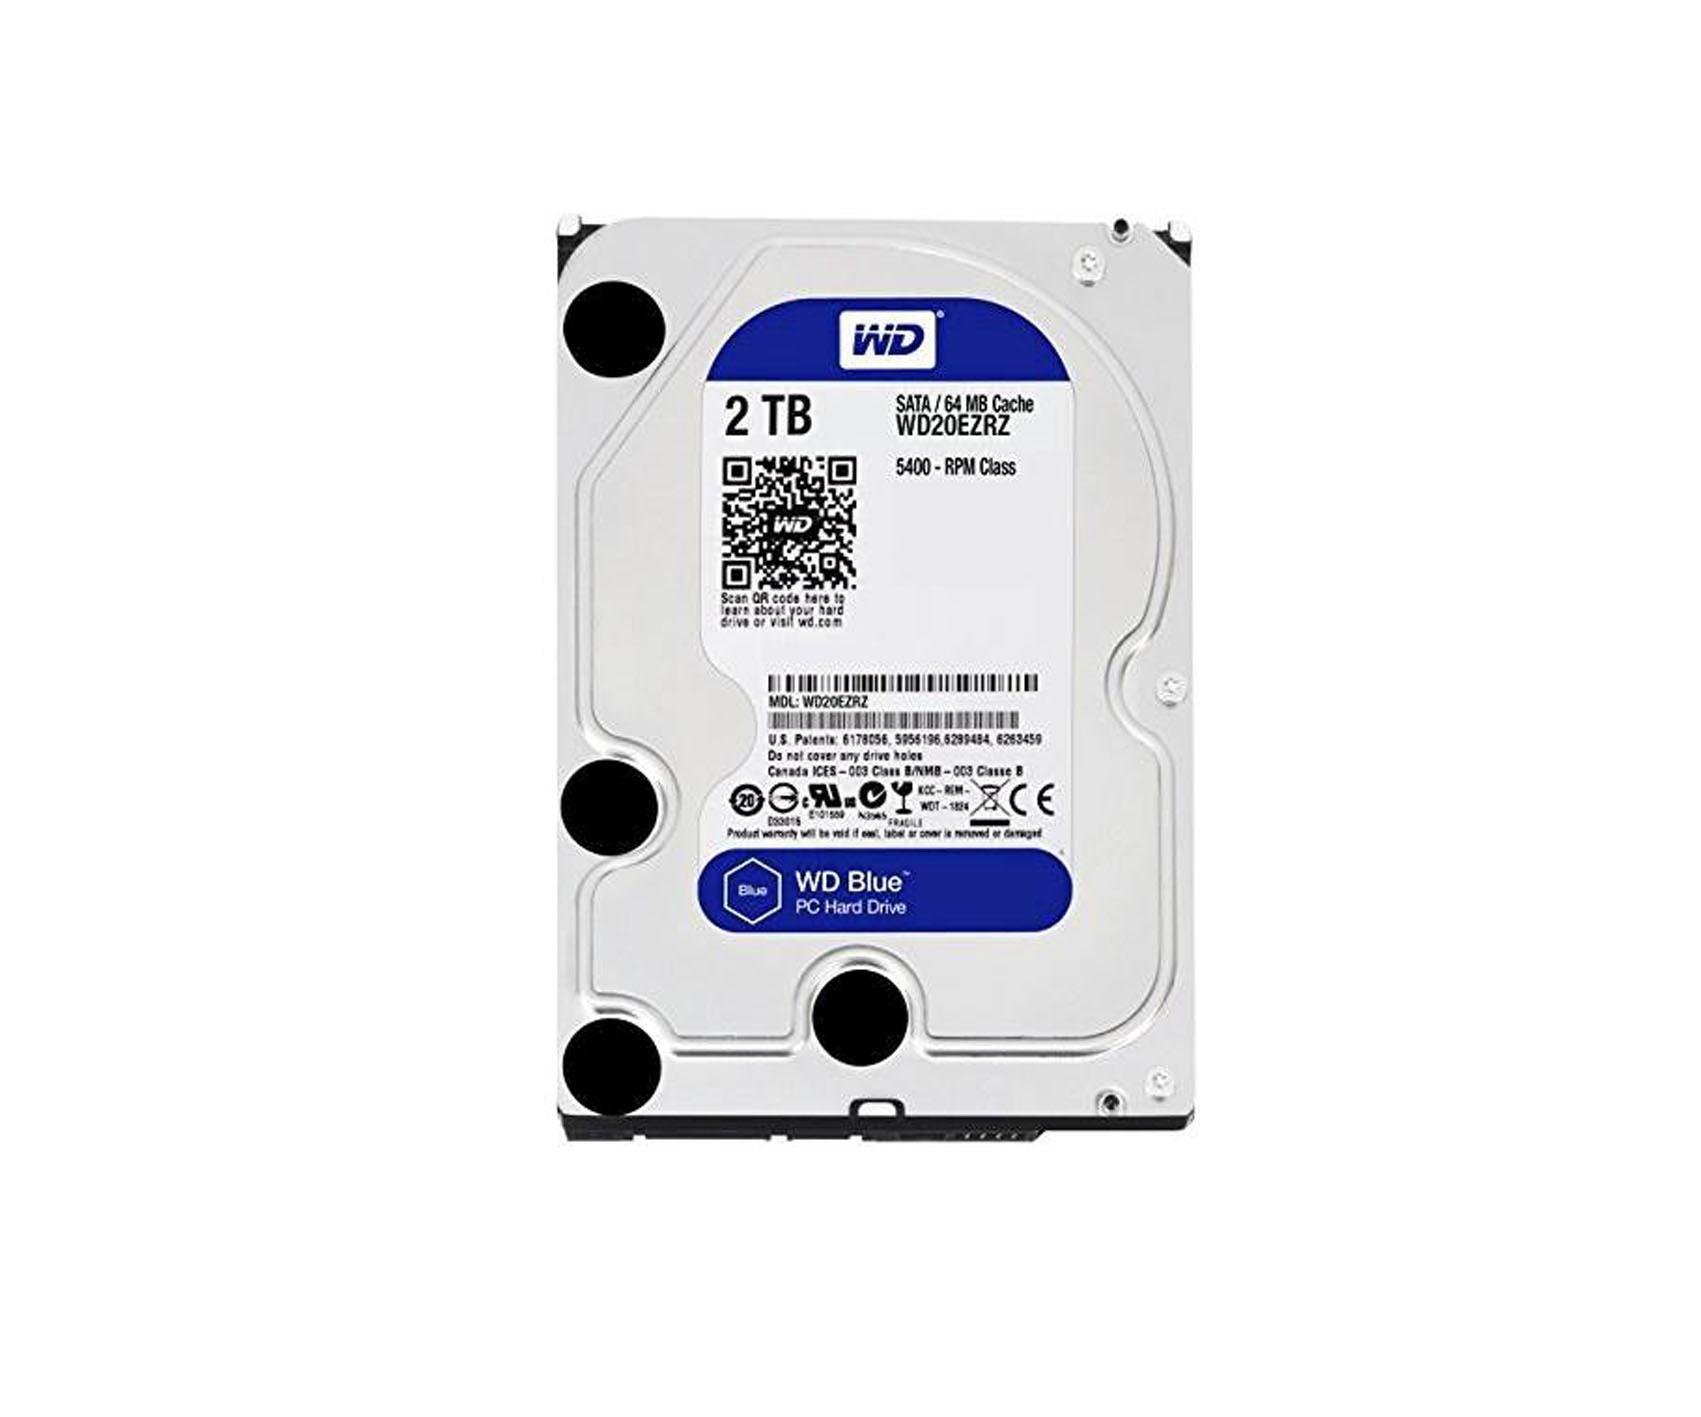 WD Blue 3.5 inch 2tb HDD